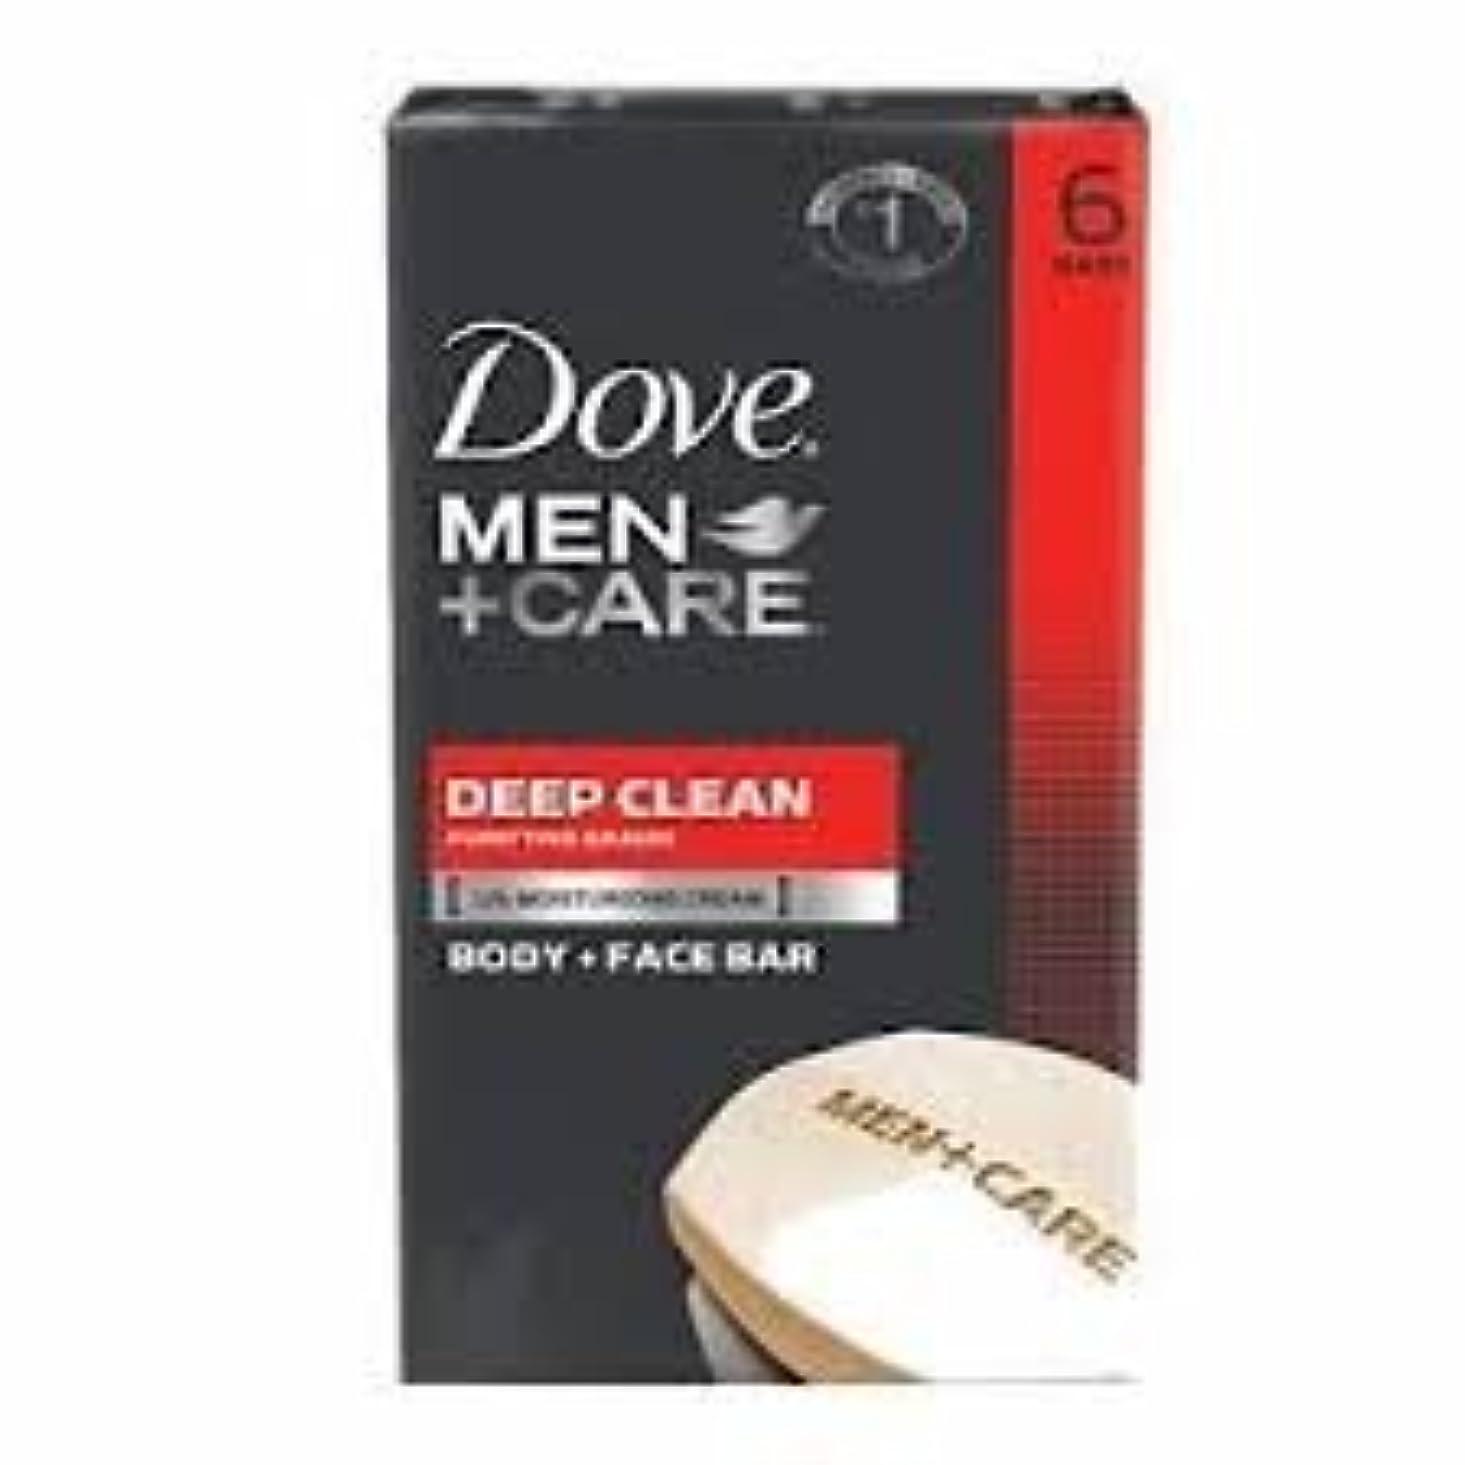 インディカ喉が渇いたシルクDove Men + Care Body and Face Bar, Deep Clean 4oz x 6Bars ダブ メン プラスケア ディープ クリーン ソープ 4oz x 6個